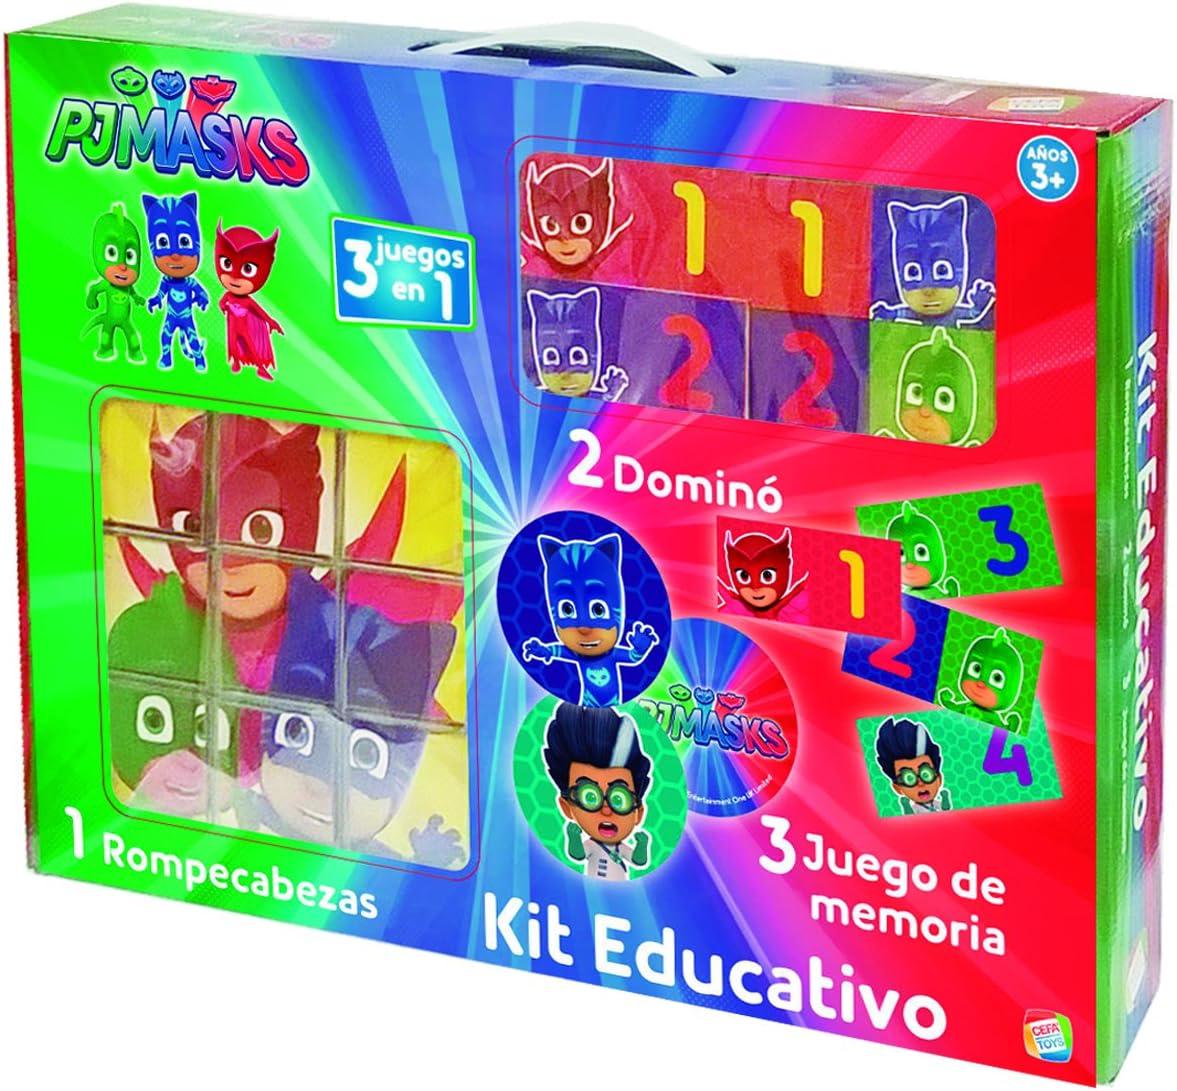 PJmask- Kit Educativo (CEFA Toys 88248): Amazon.es: Juguetes ...